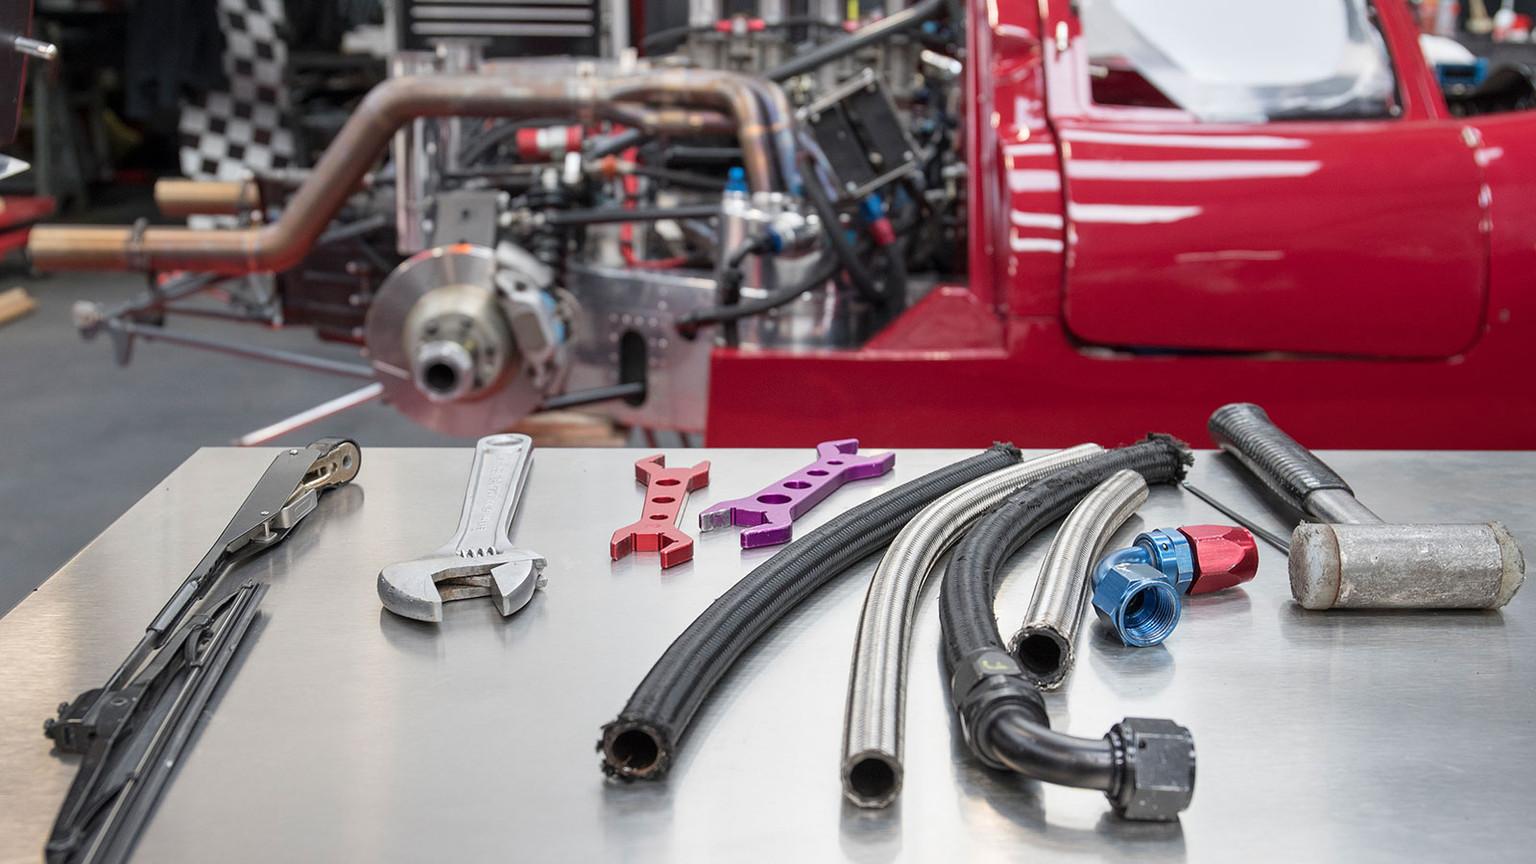 img-Race-Car-Setup-02.jpg